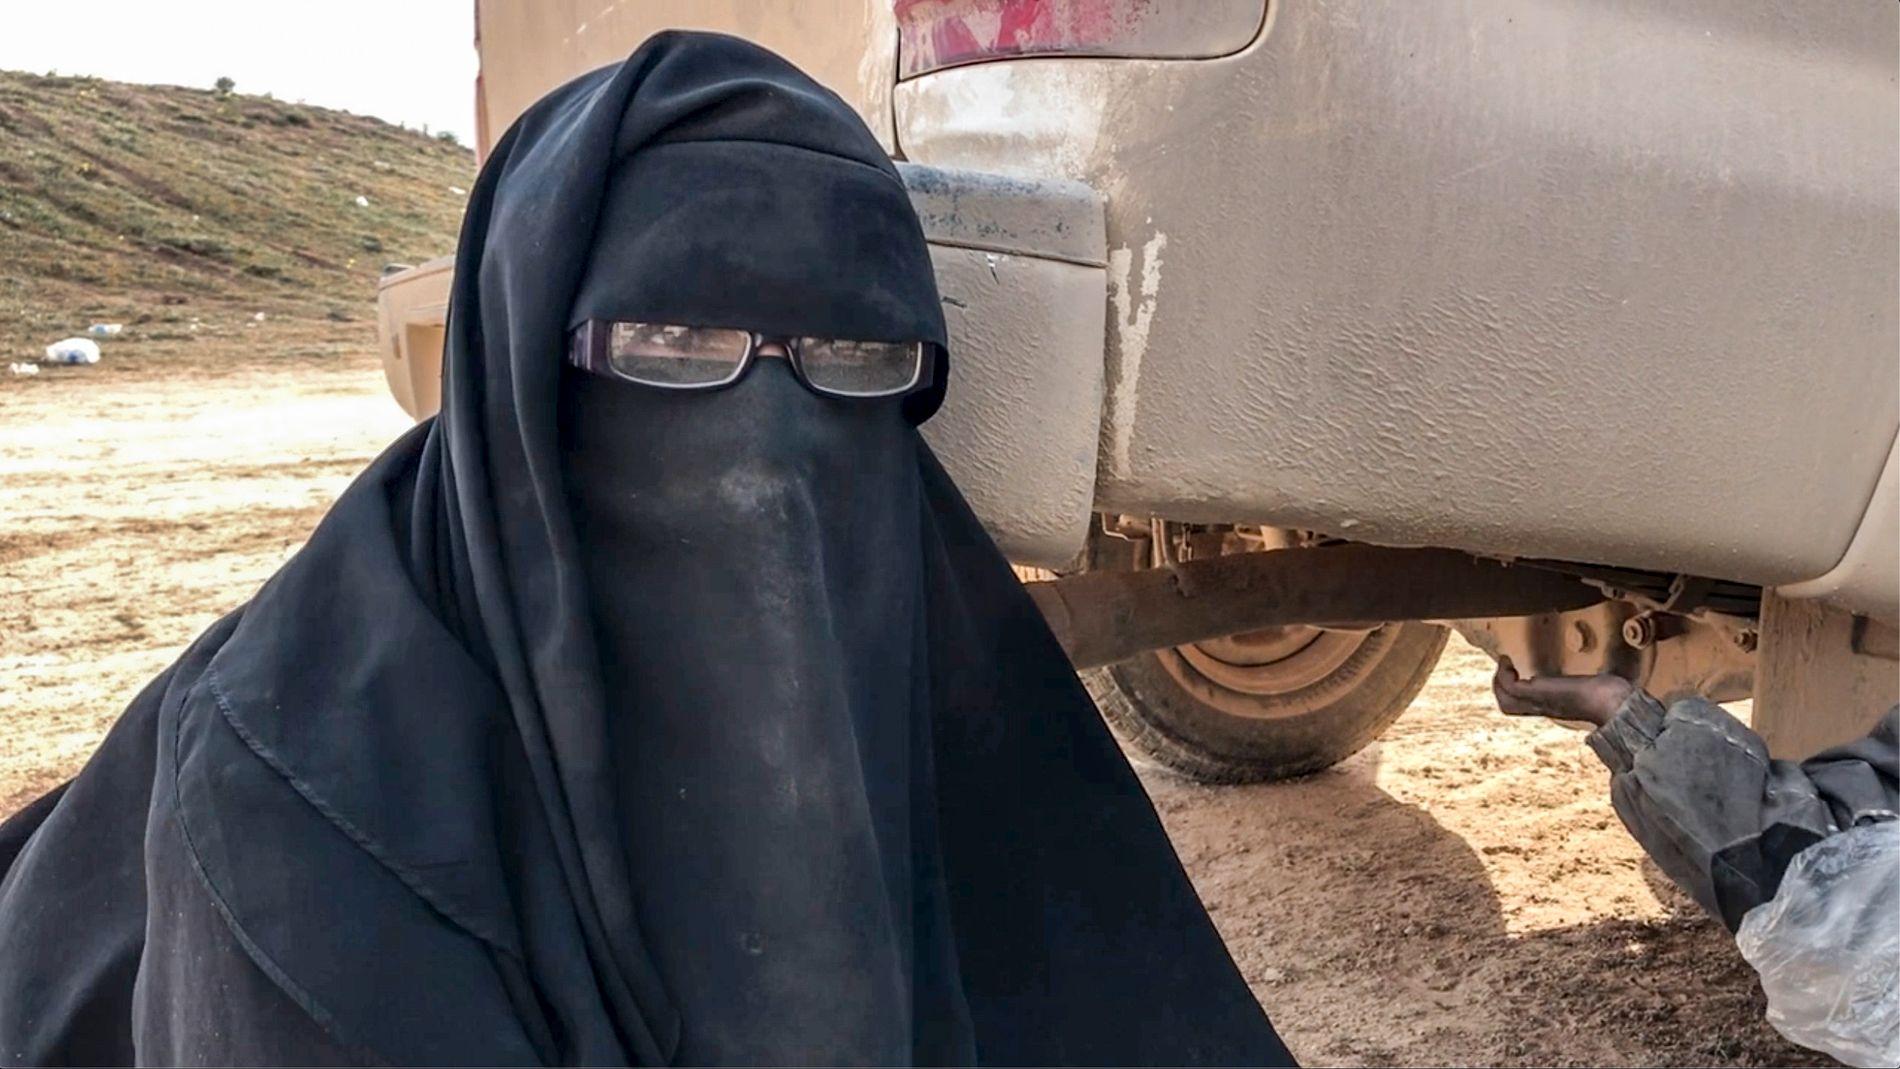 Søstre til norsk IS-kvinne: – Hun ble lurt dit